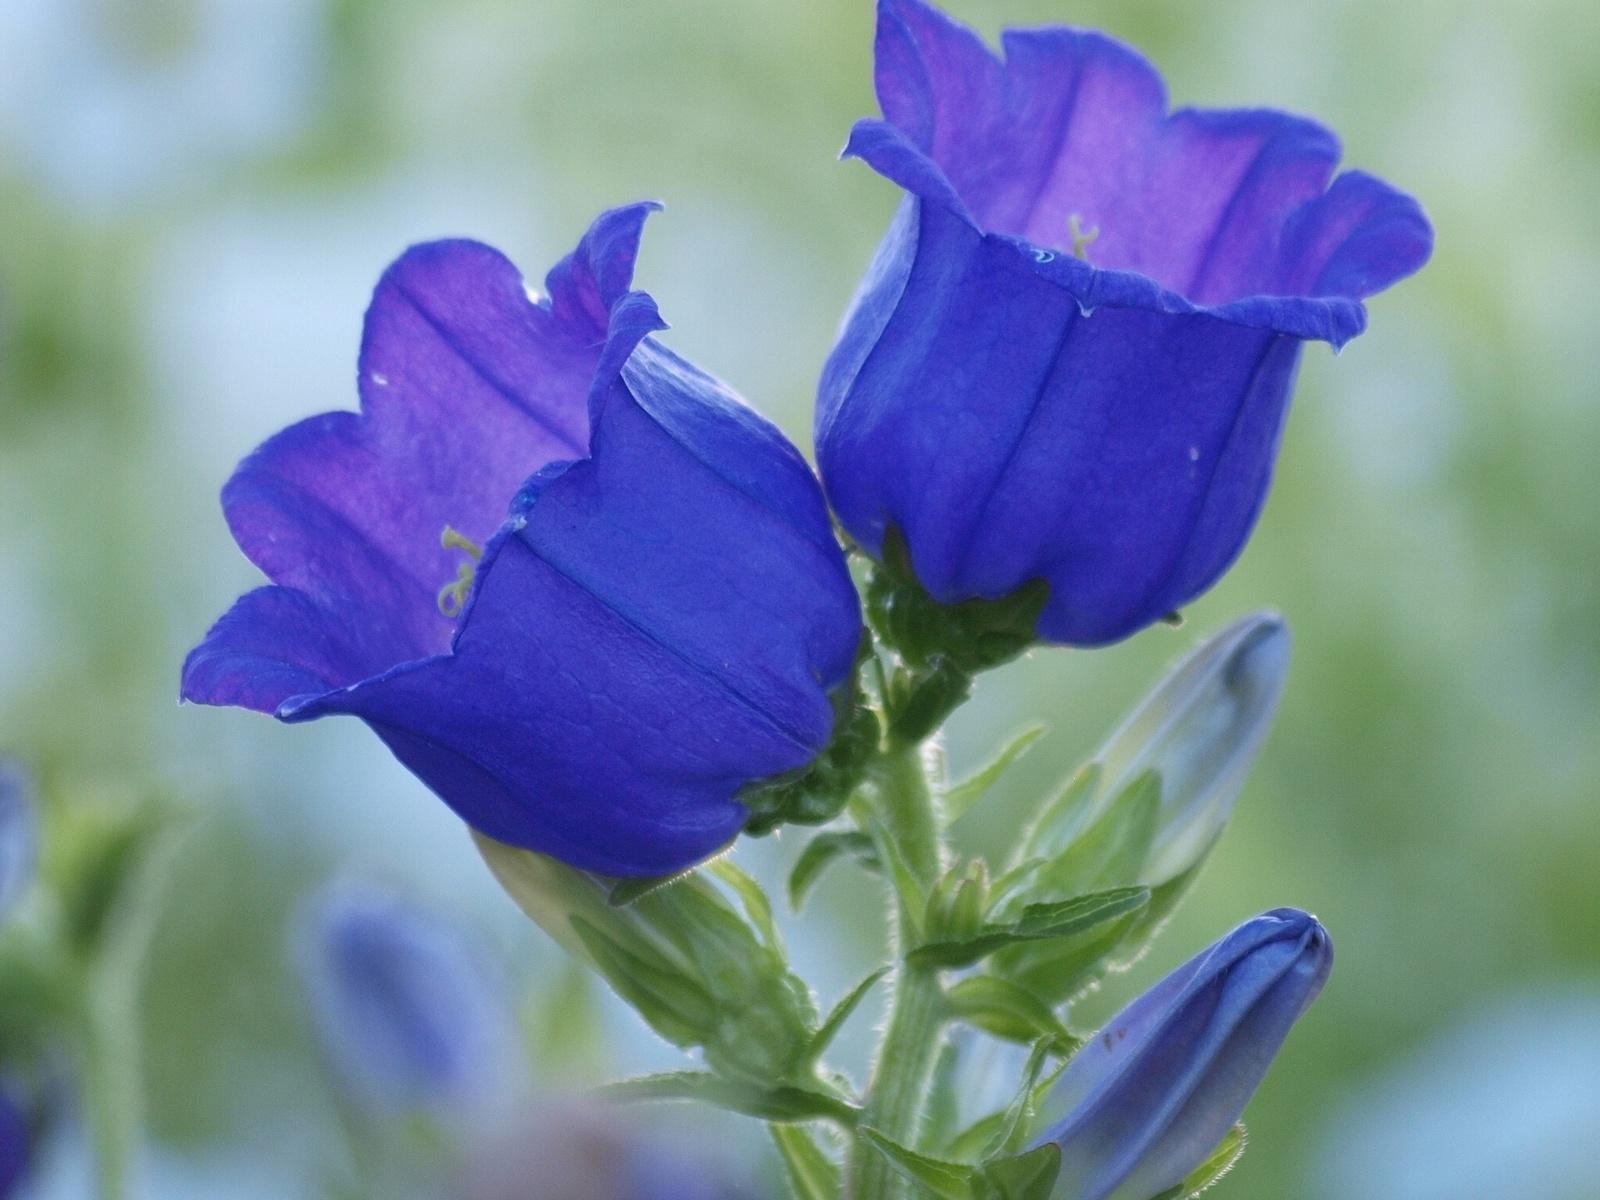 Fotos de flores campanas color azules Mejores fotos del mundo para ...